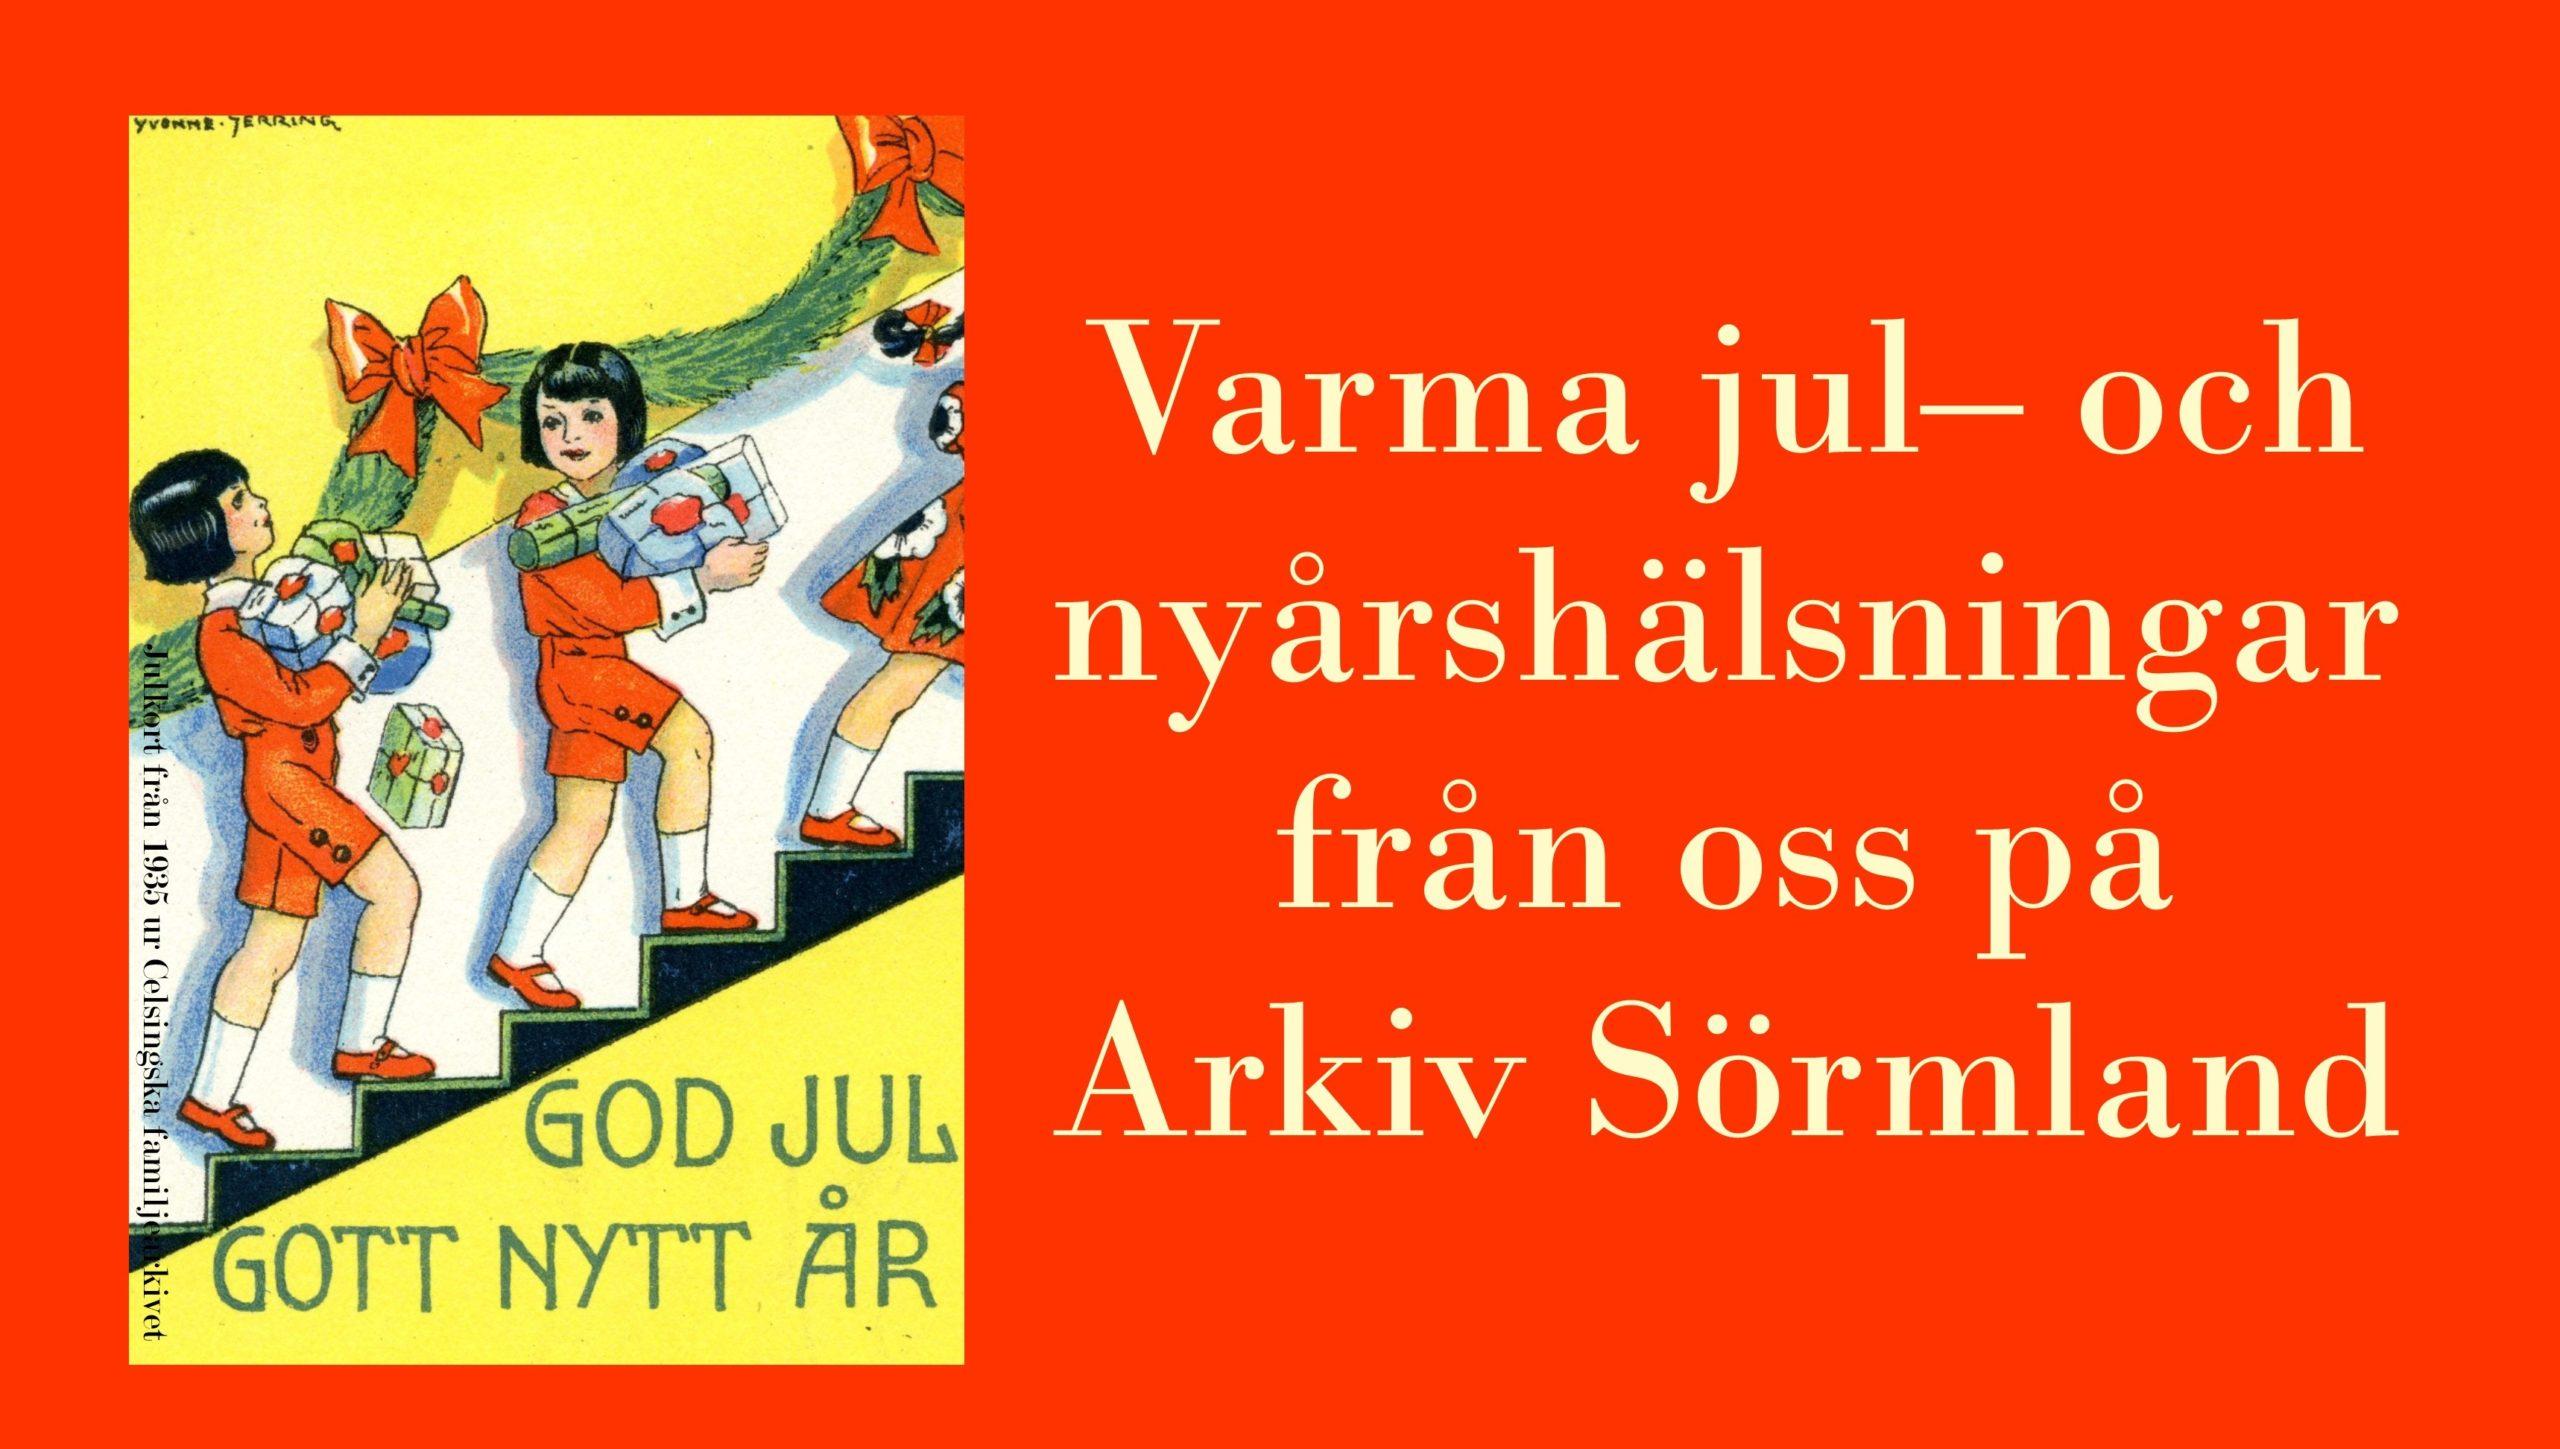 Jul- och nyårshälsningar från Arkiv Sörmland med julkort från 1935 ur Celsingska familjearkivet